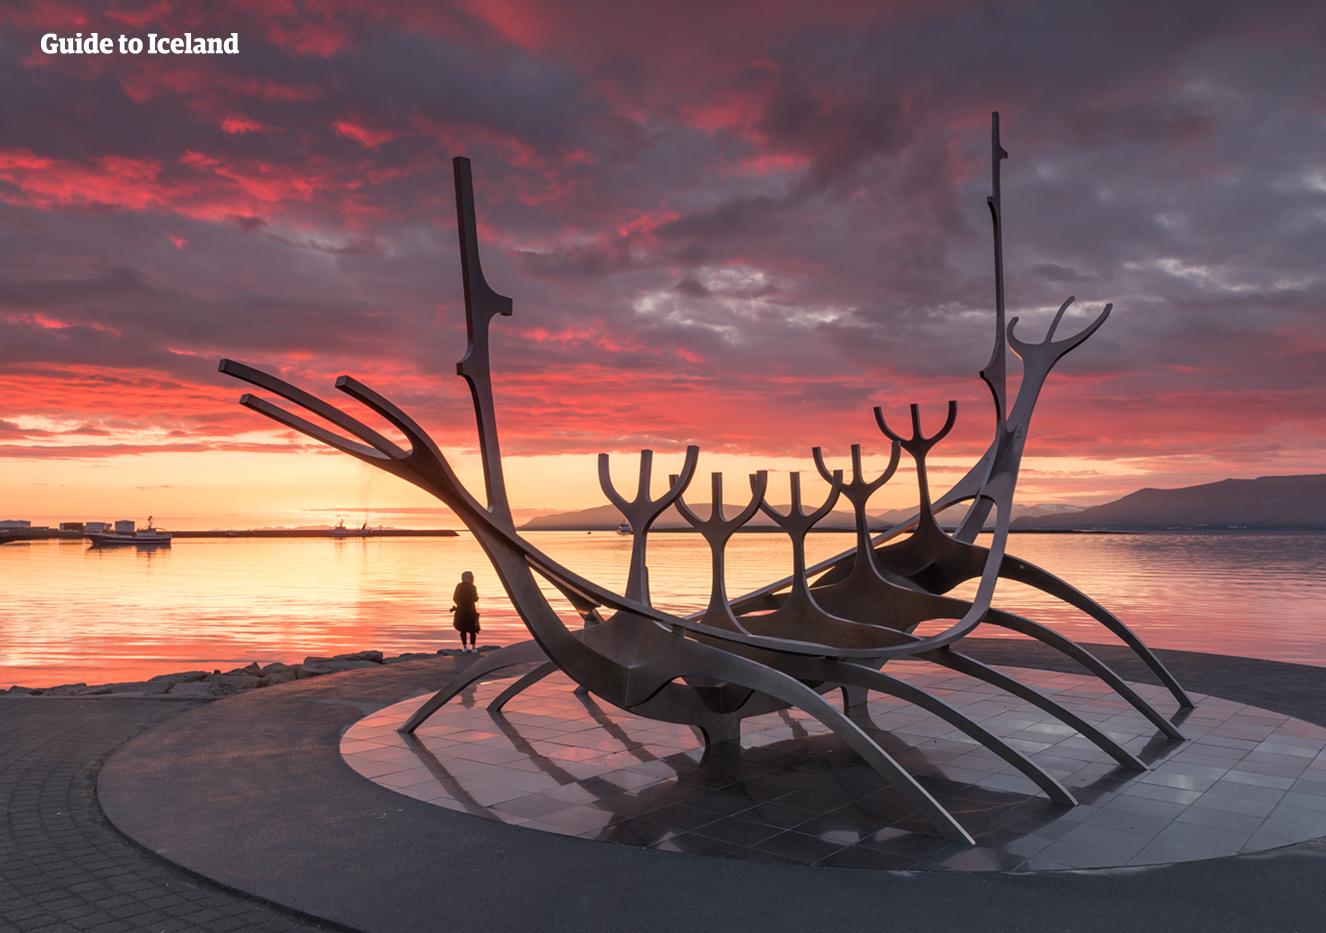 冰岛一个平静的冬季日常。